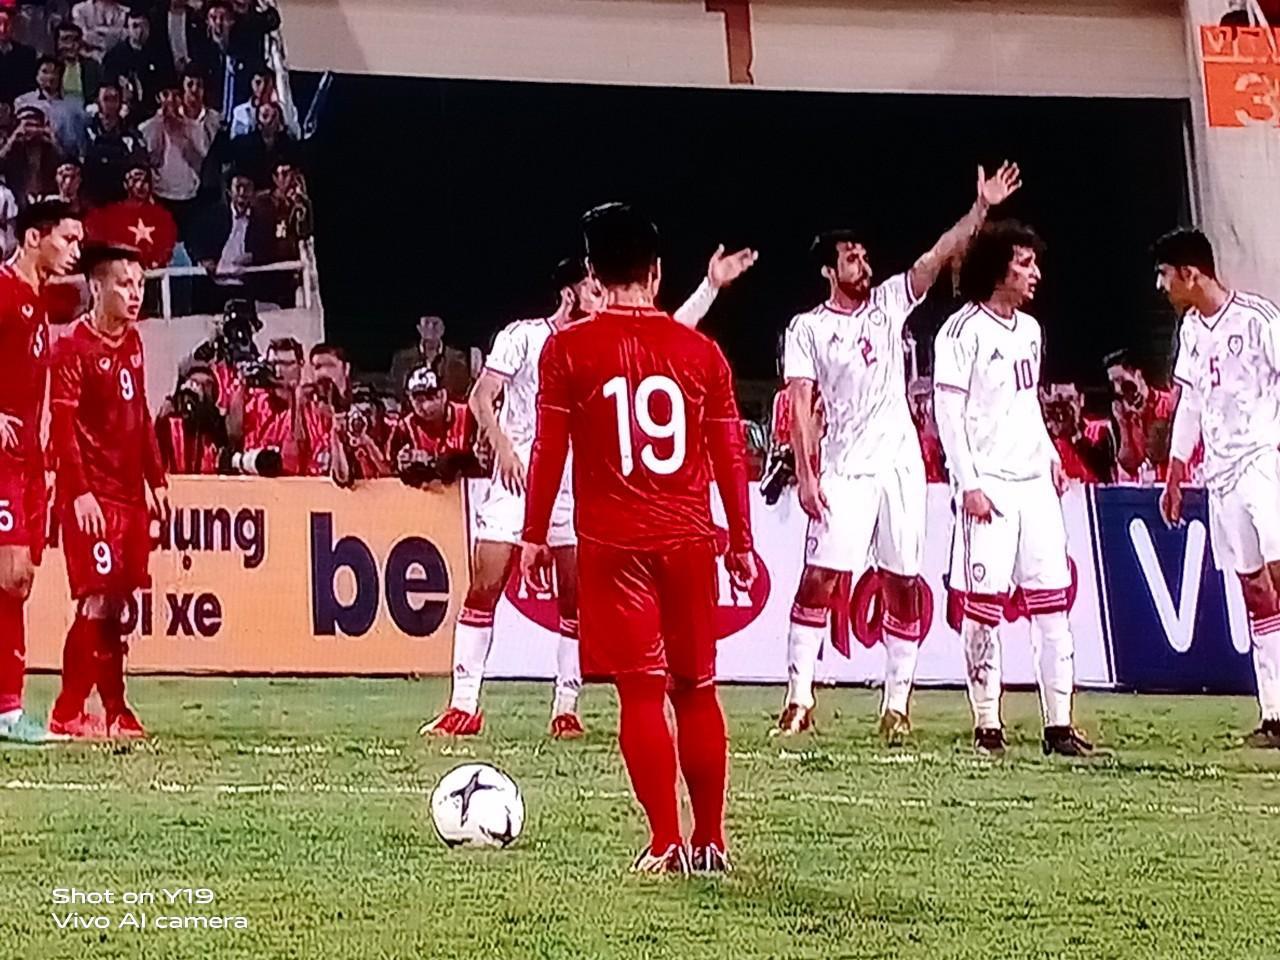 Giải mã chiếc điện thoại được hàng loạt tín đồ túc cầu selfie tại trận đấu vòng loại World Cup Việt Nam - UAE - Ảnh 10.